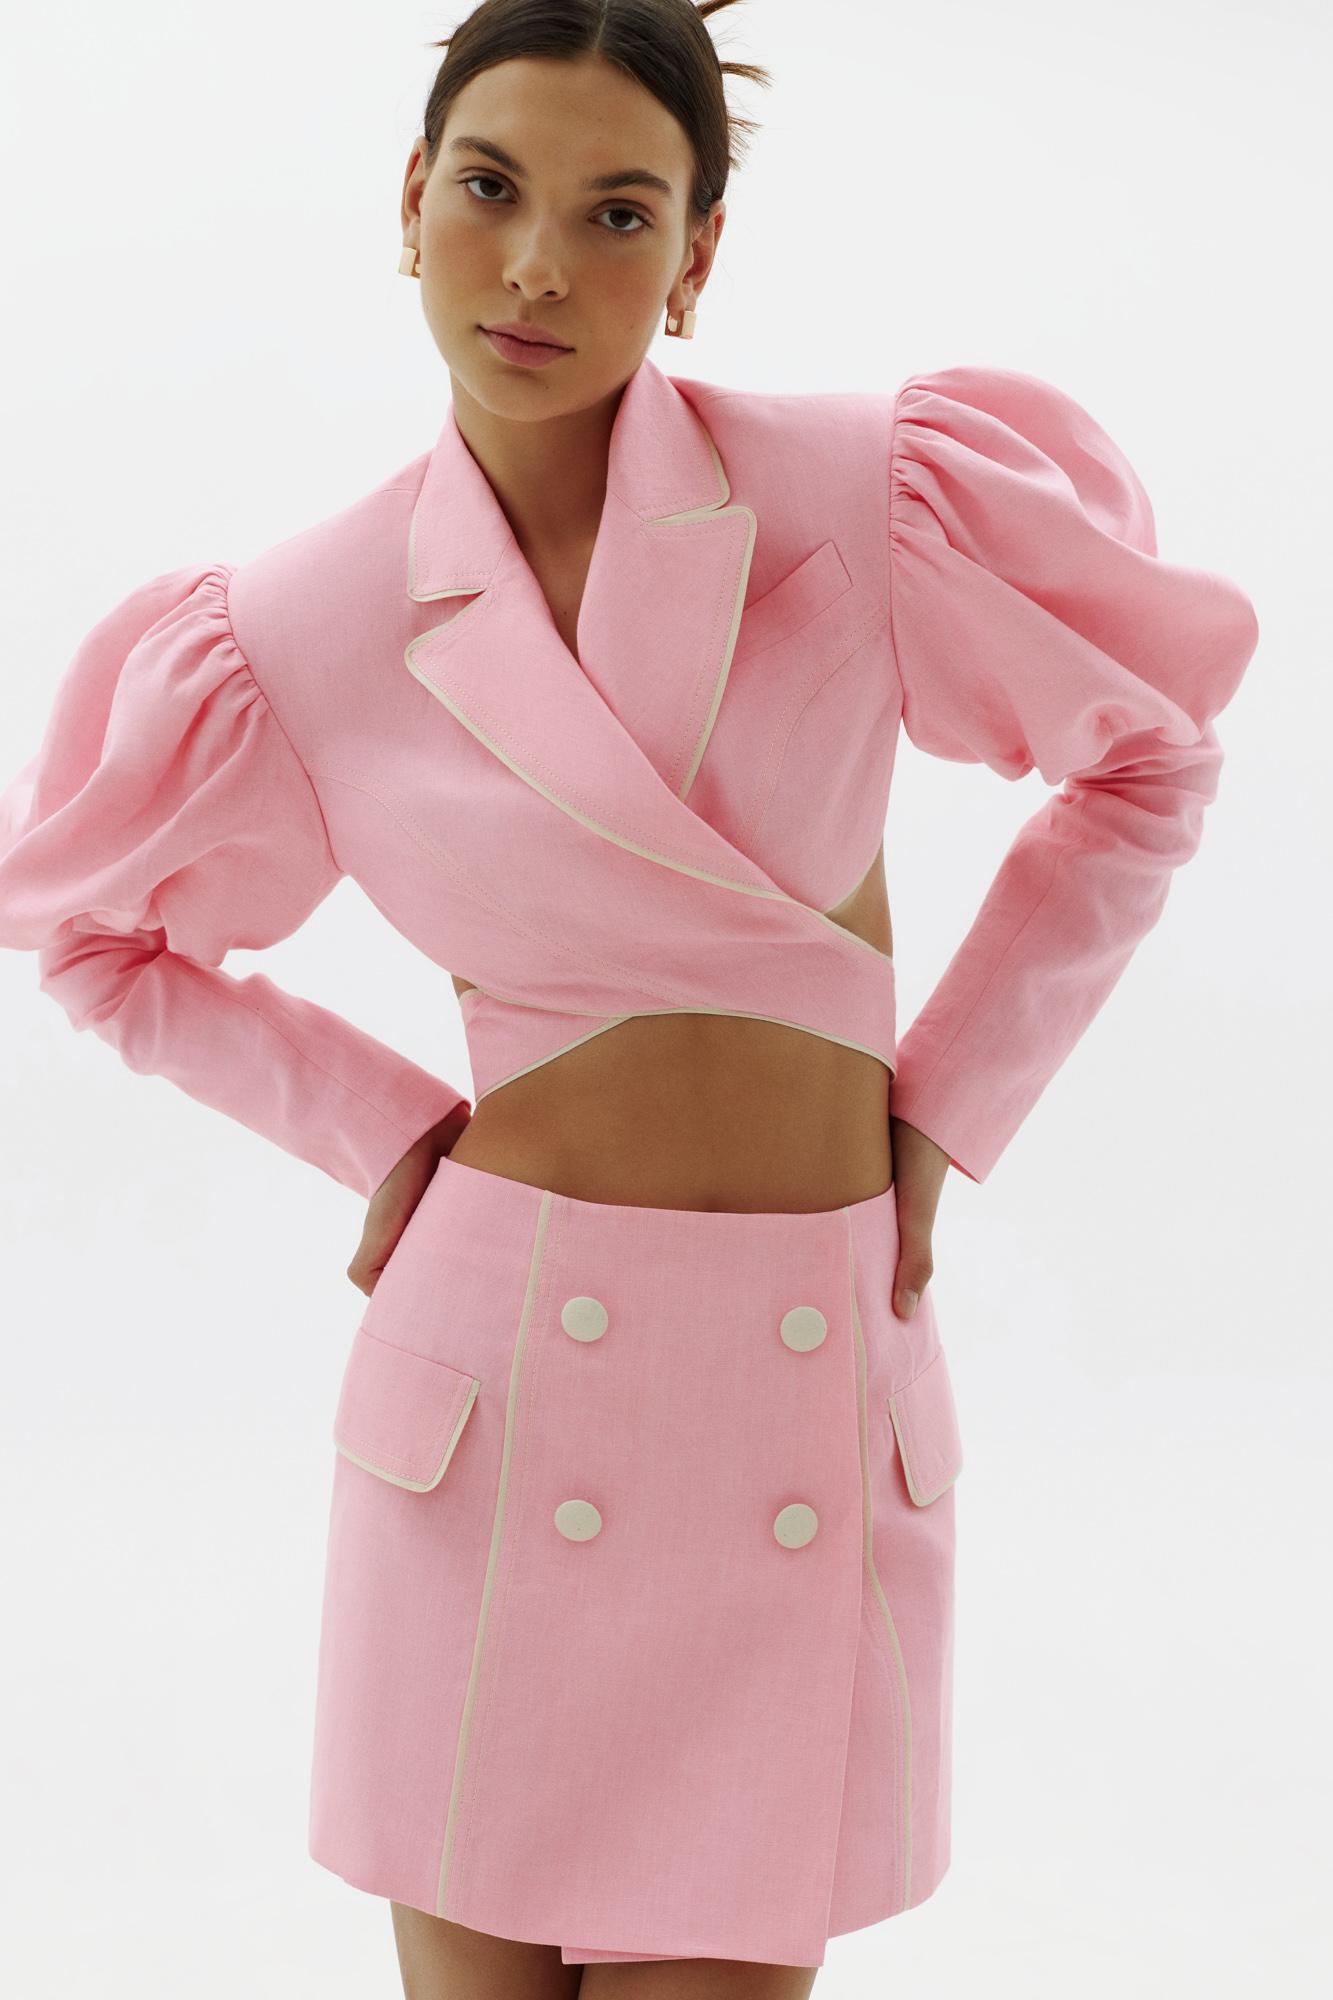 Коко Роша в костюме украинского дизайнера Marianna Senchina-Фото 4